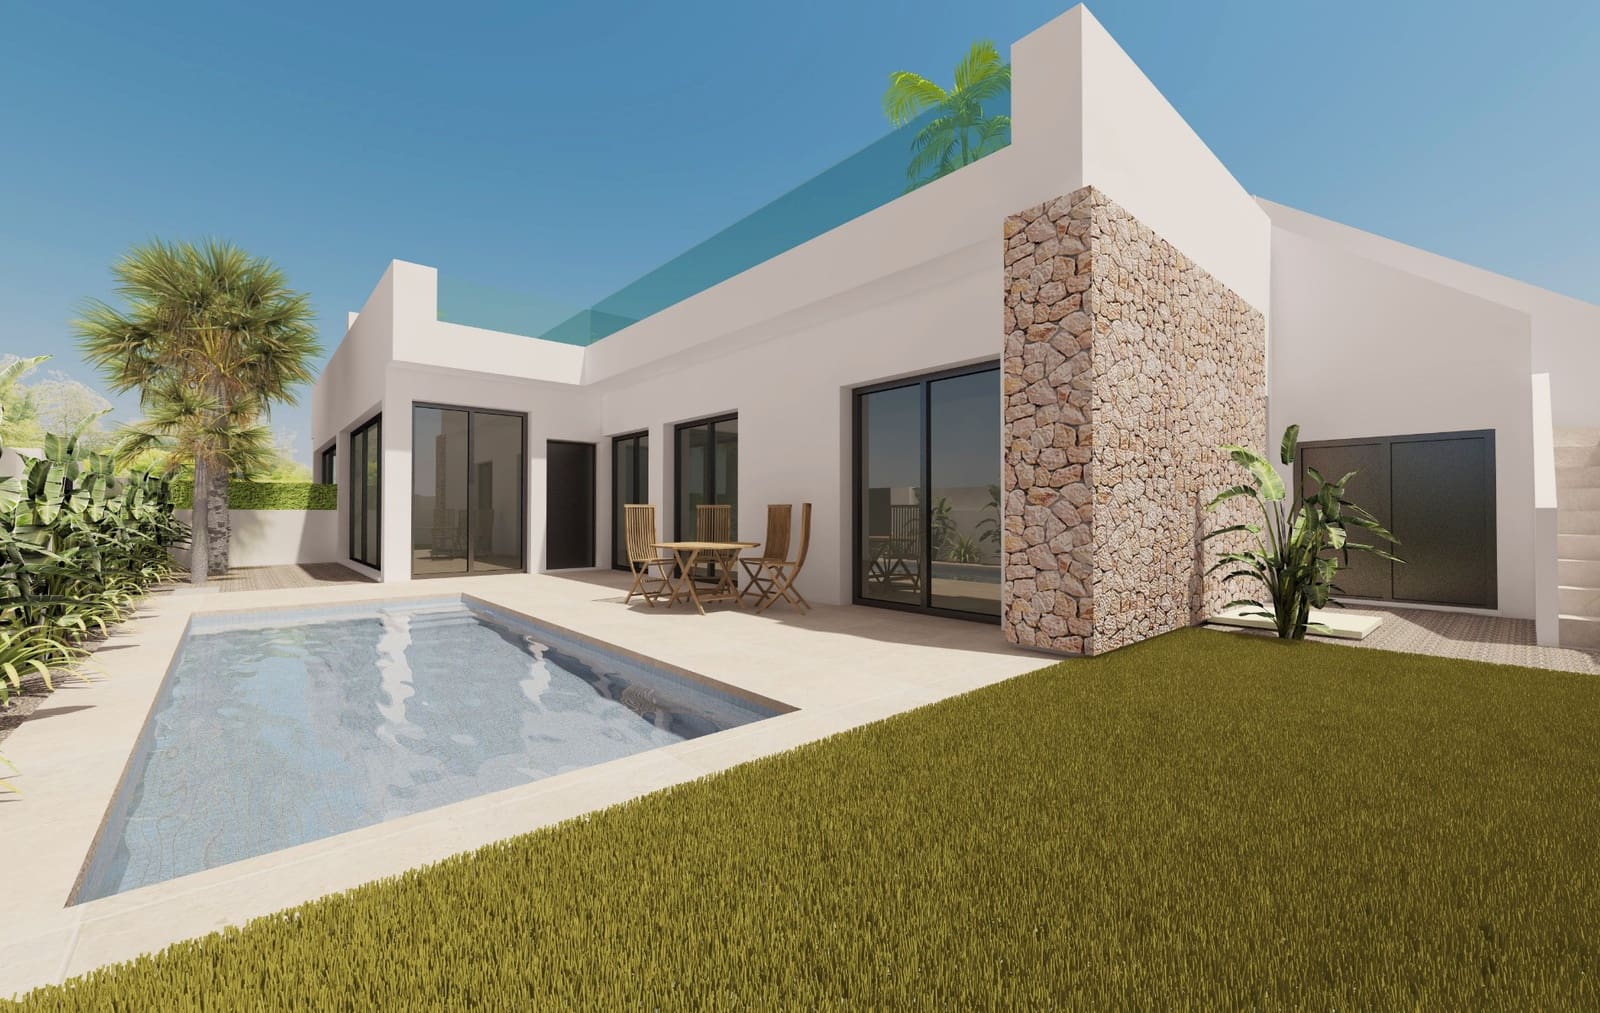 Bungalow de 3 habitaciones en Pilar de la Horadada en venta con piscina - 229.000 € (Ref: 4531223)